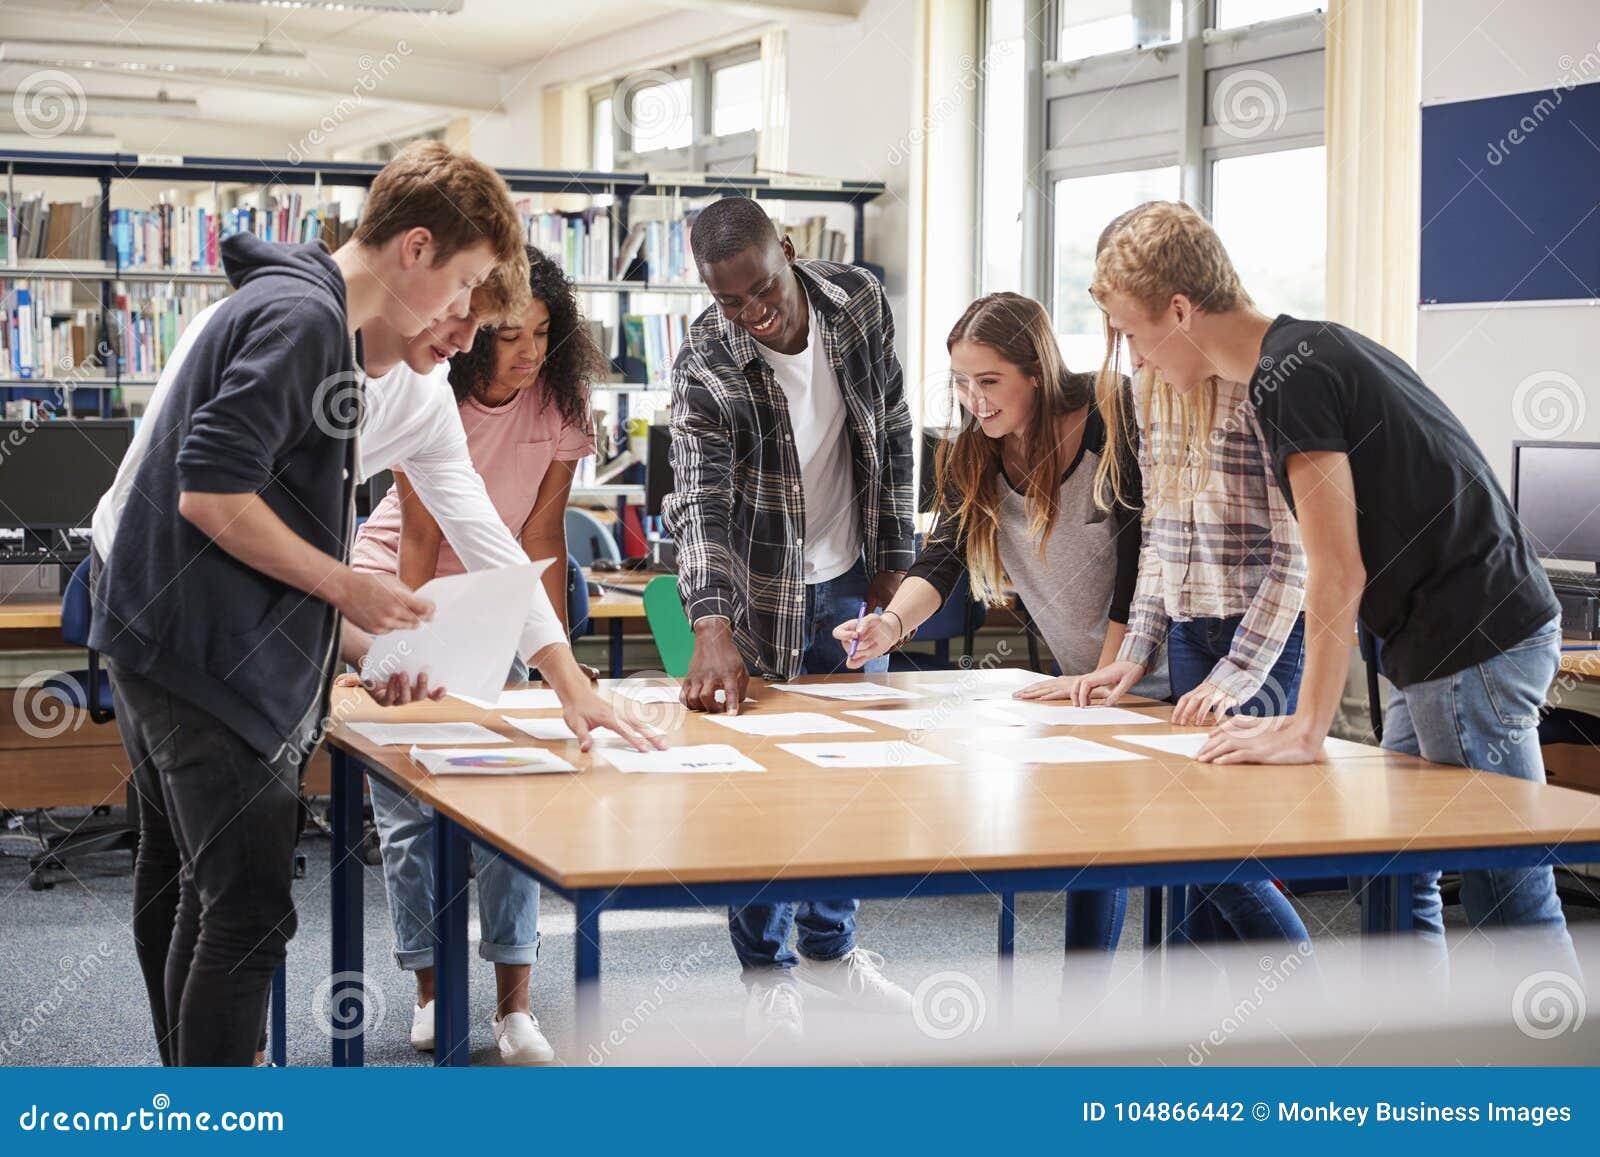 小组合作在项目的大学生在图书馆里